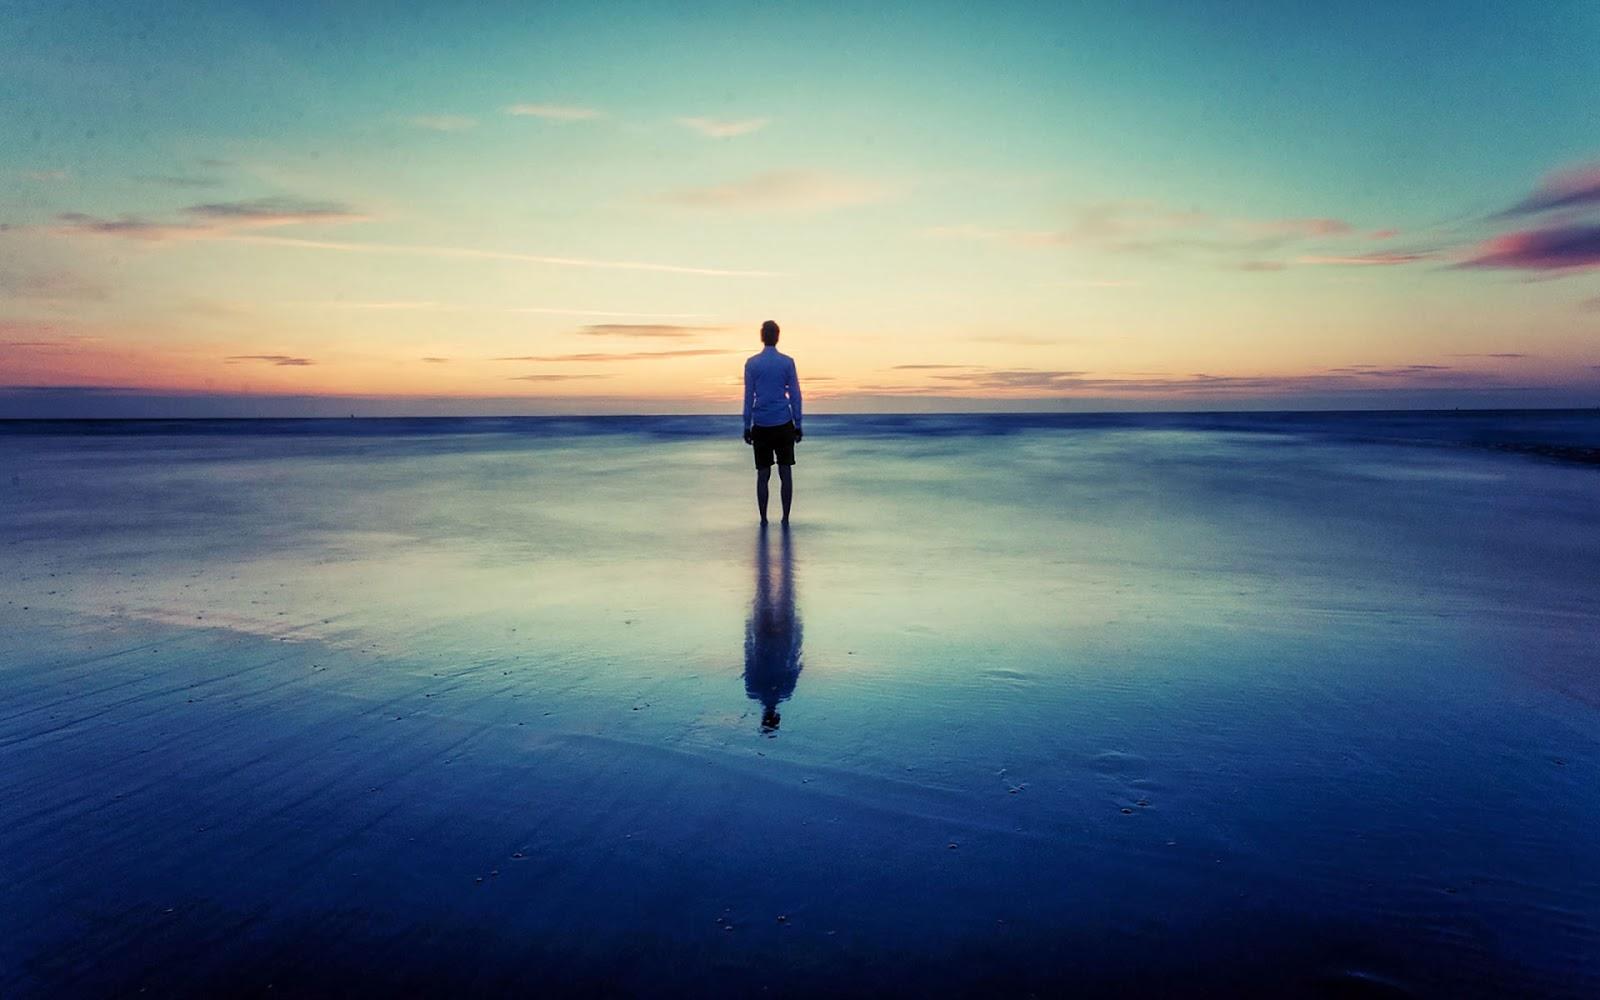 hình ảnh cô đơn và tuyệt vọng